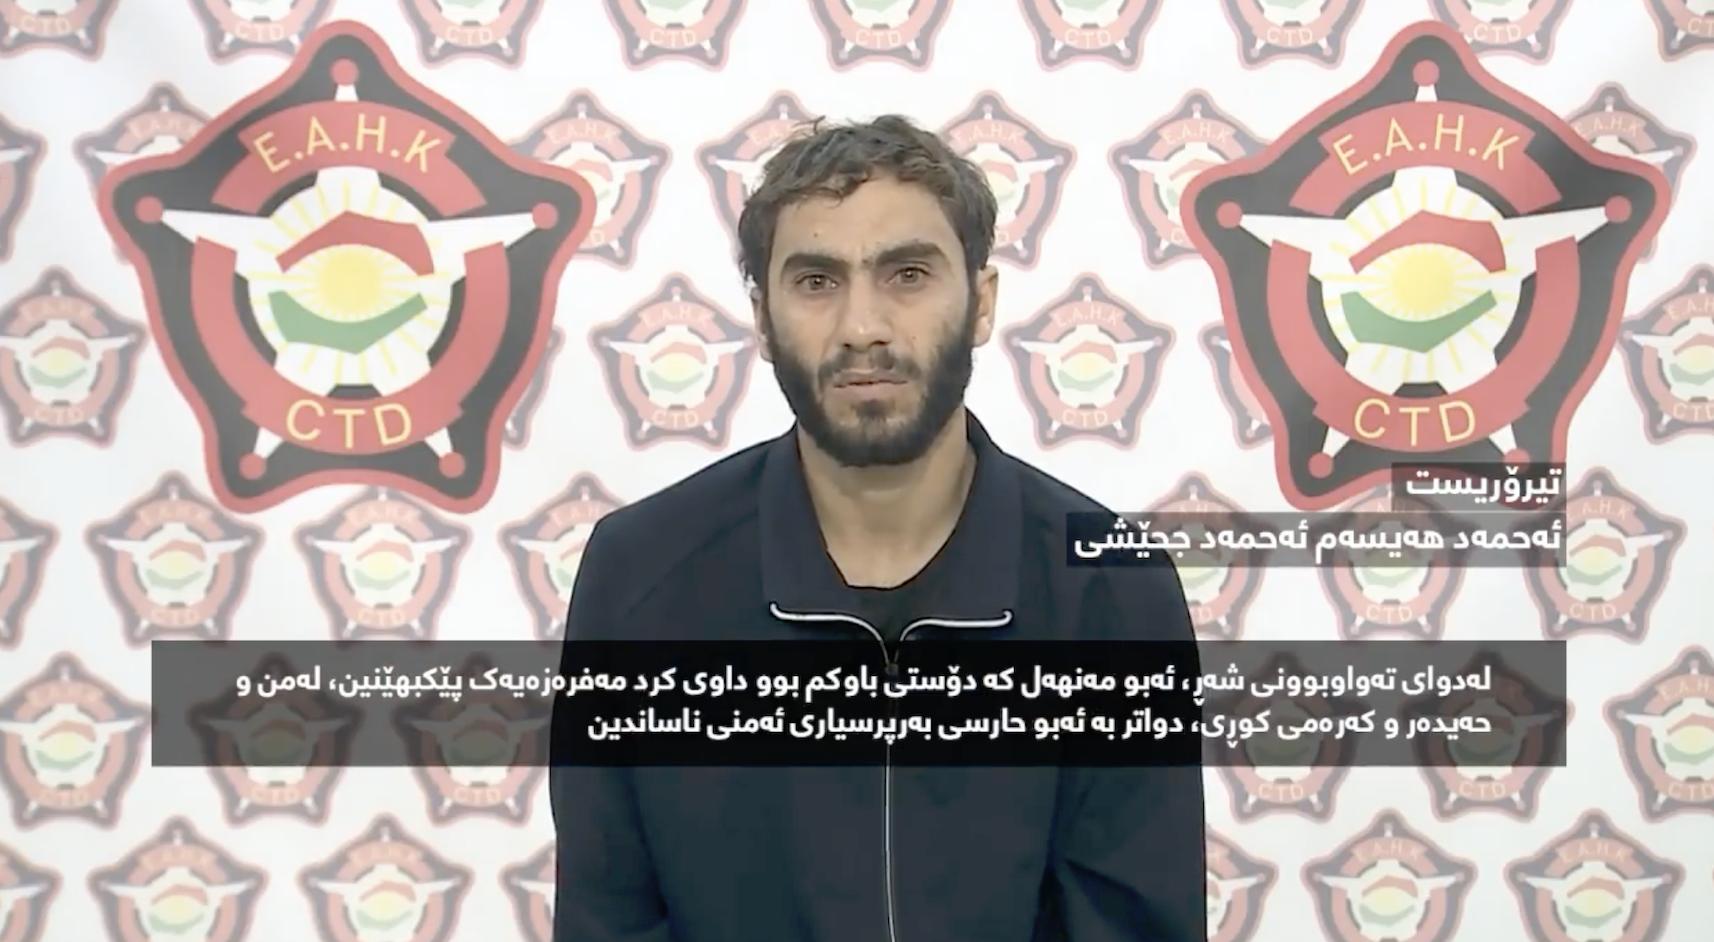 مجلس أمن إقليم كوردستان يبث اعترافات خلية داعشية حاولت شن هجمات داخل اربيل